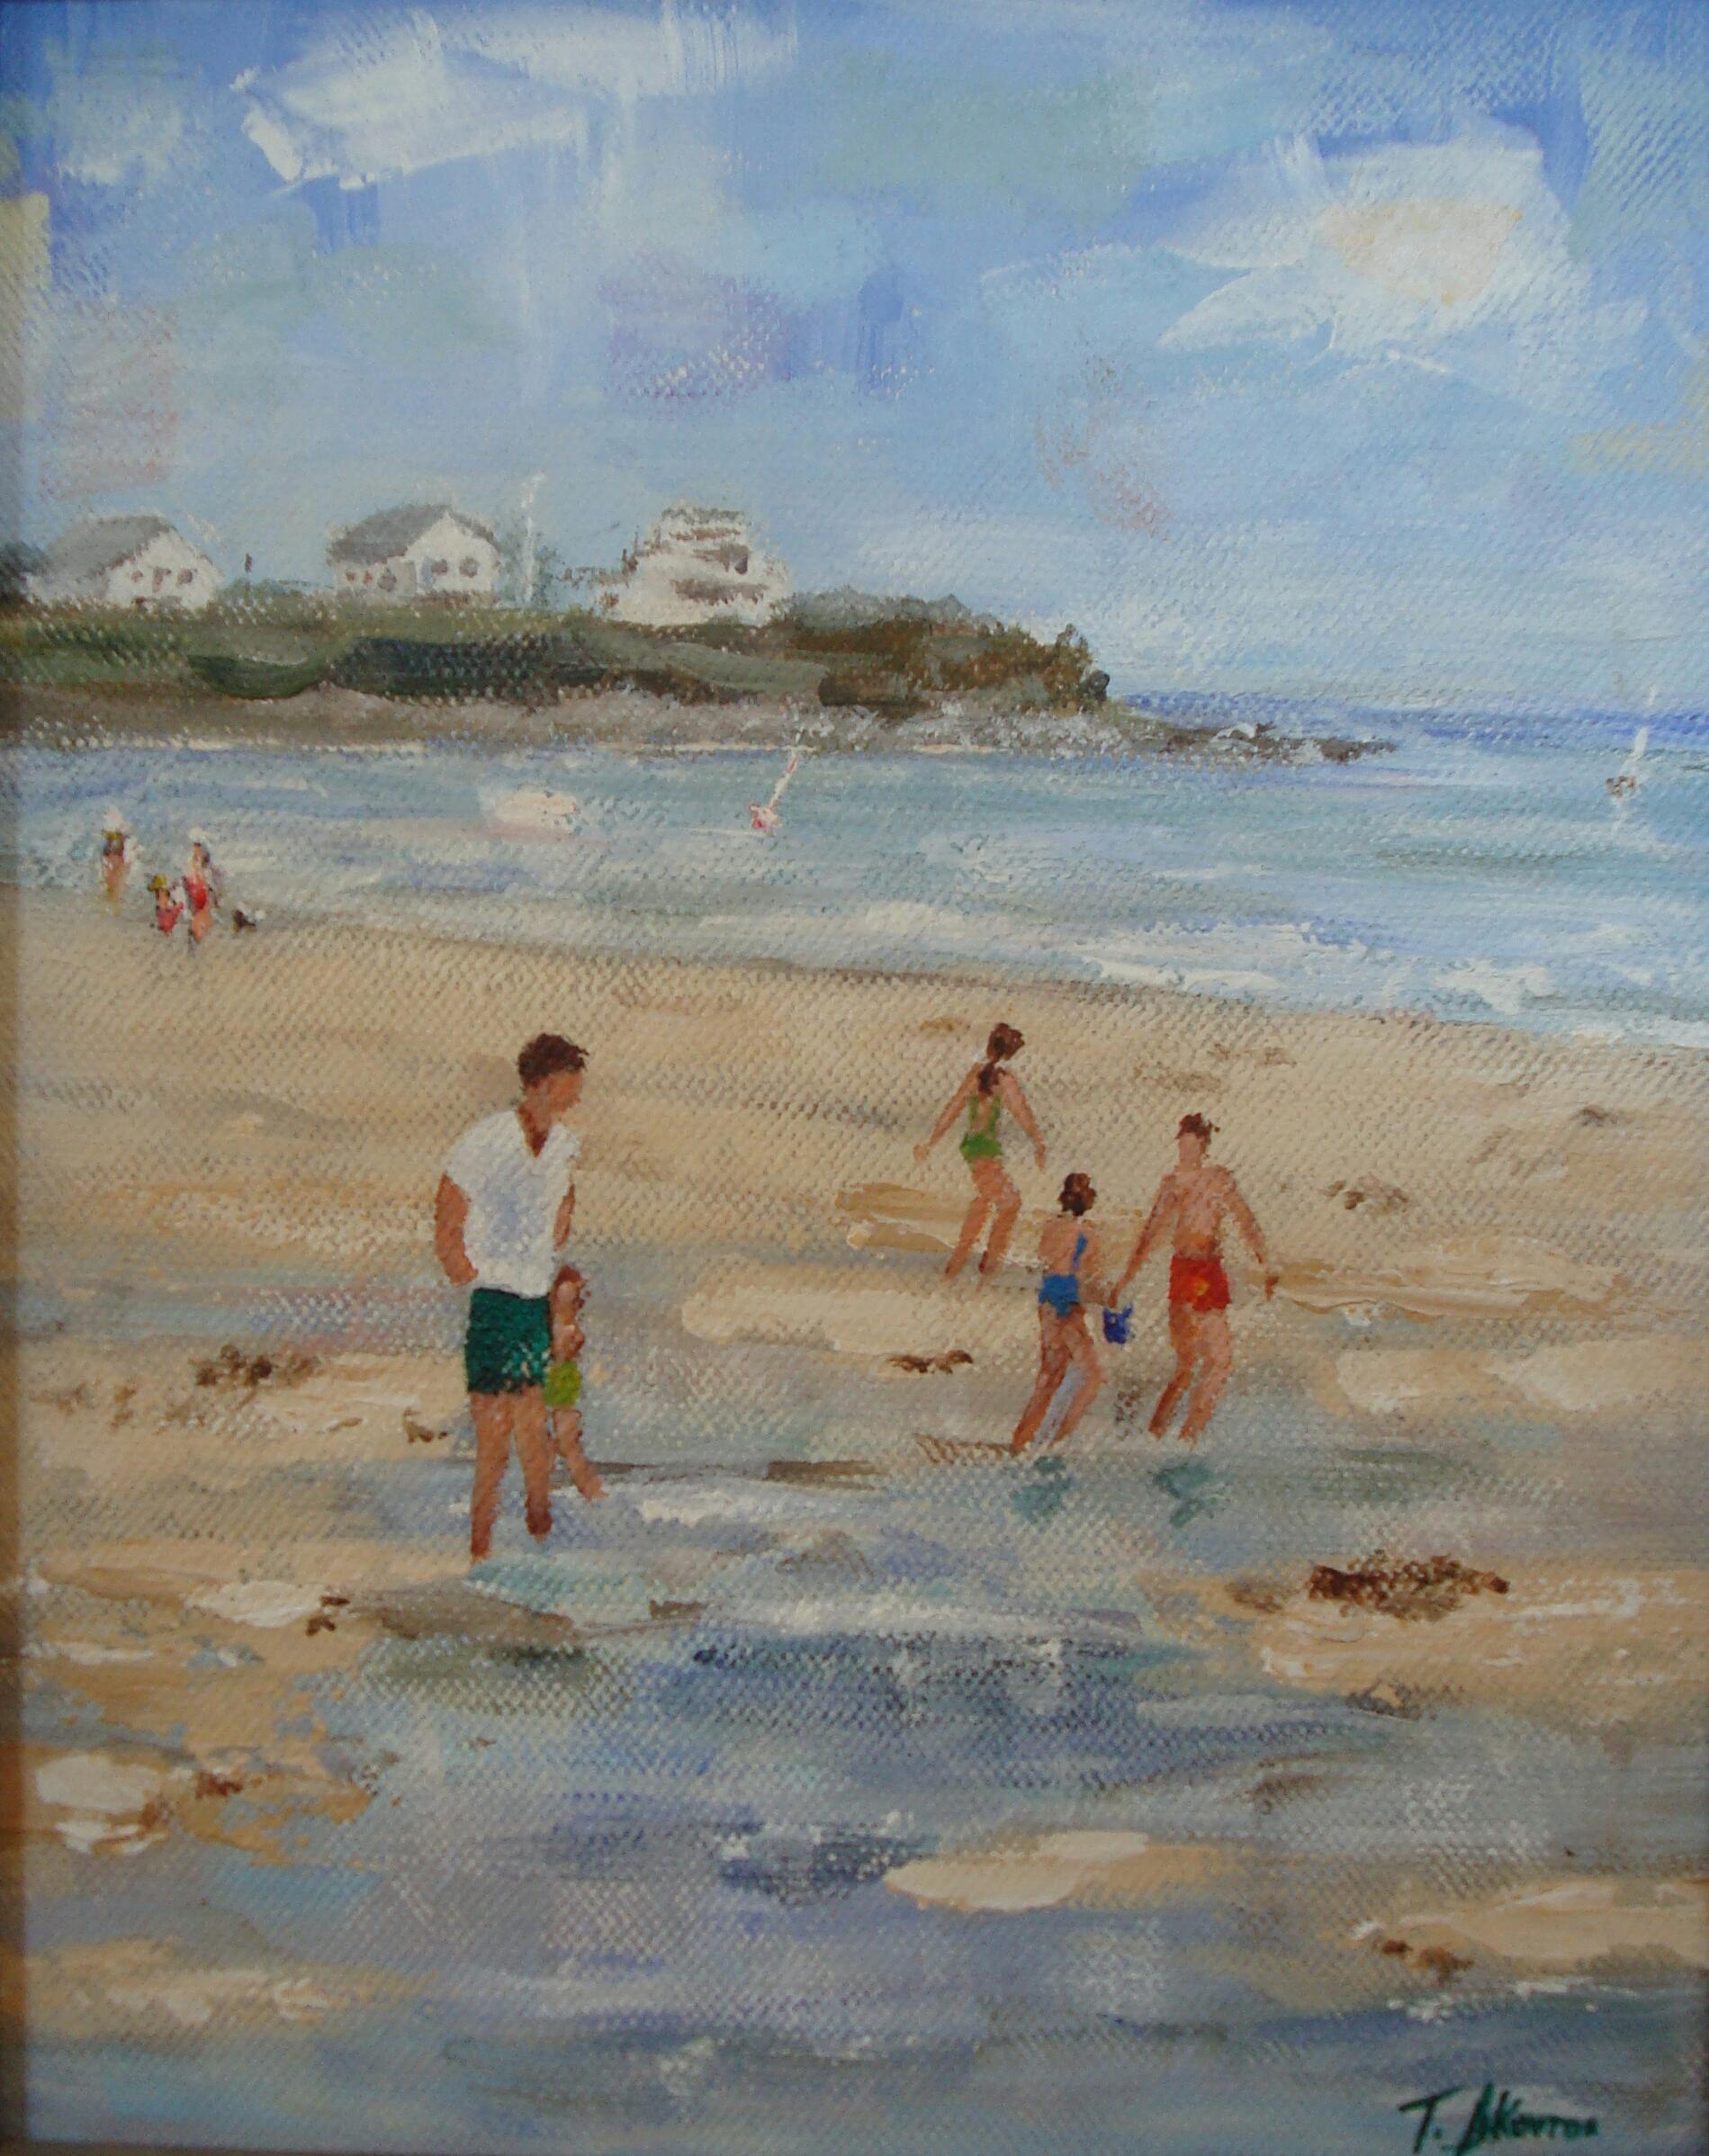 Fun at The Beach - Hampton Beach towards Boar's Head, Rye, NH